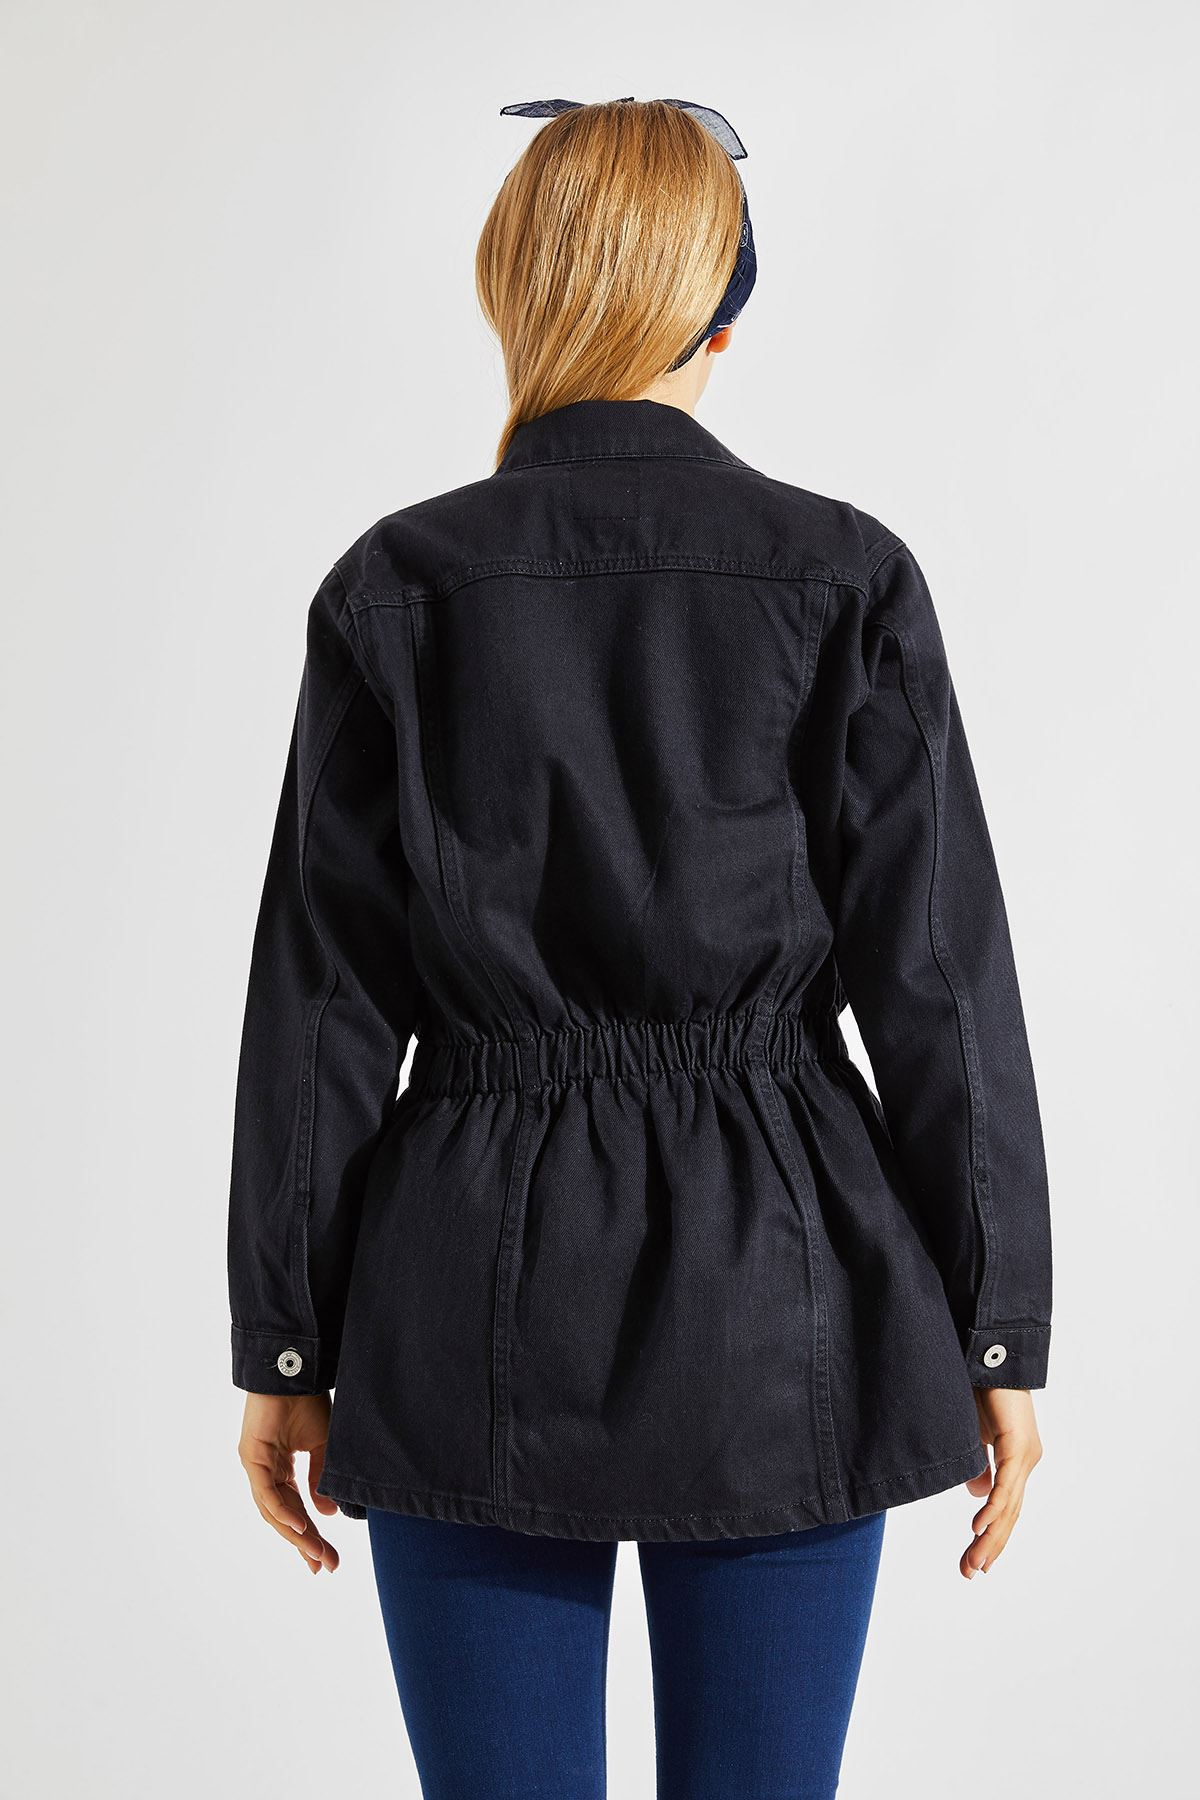 Kadın Bel Lastikli Uzun Füme Kot Ceket